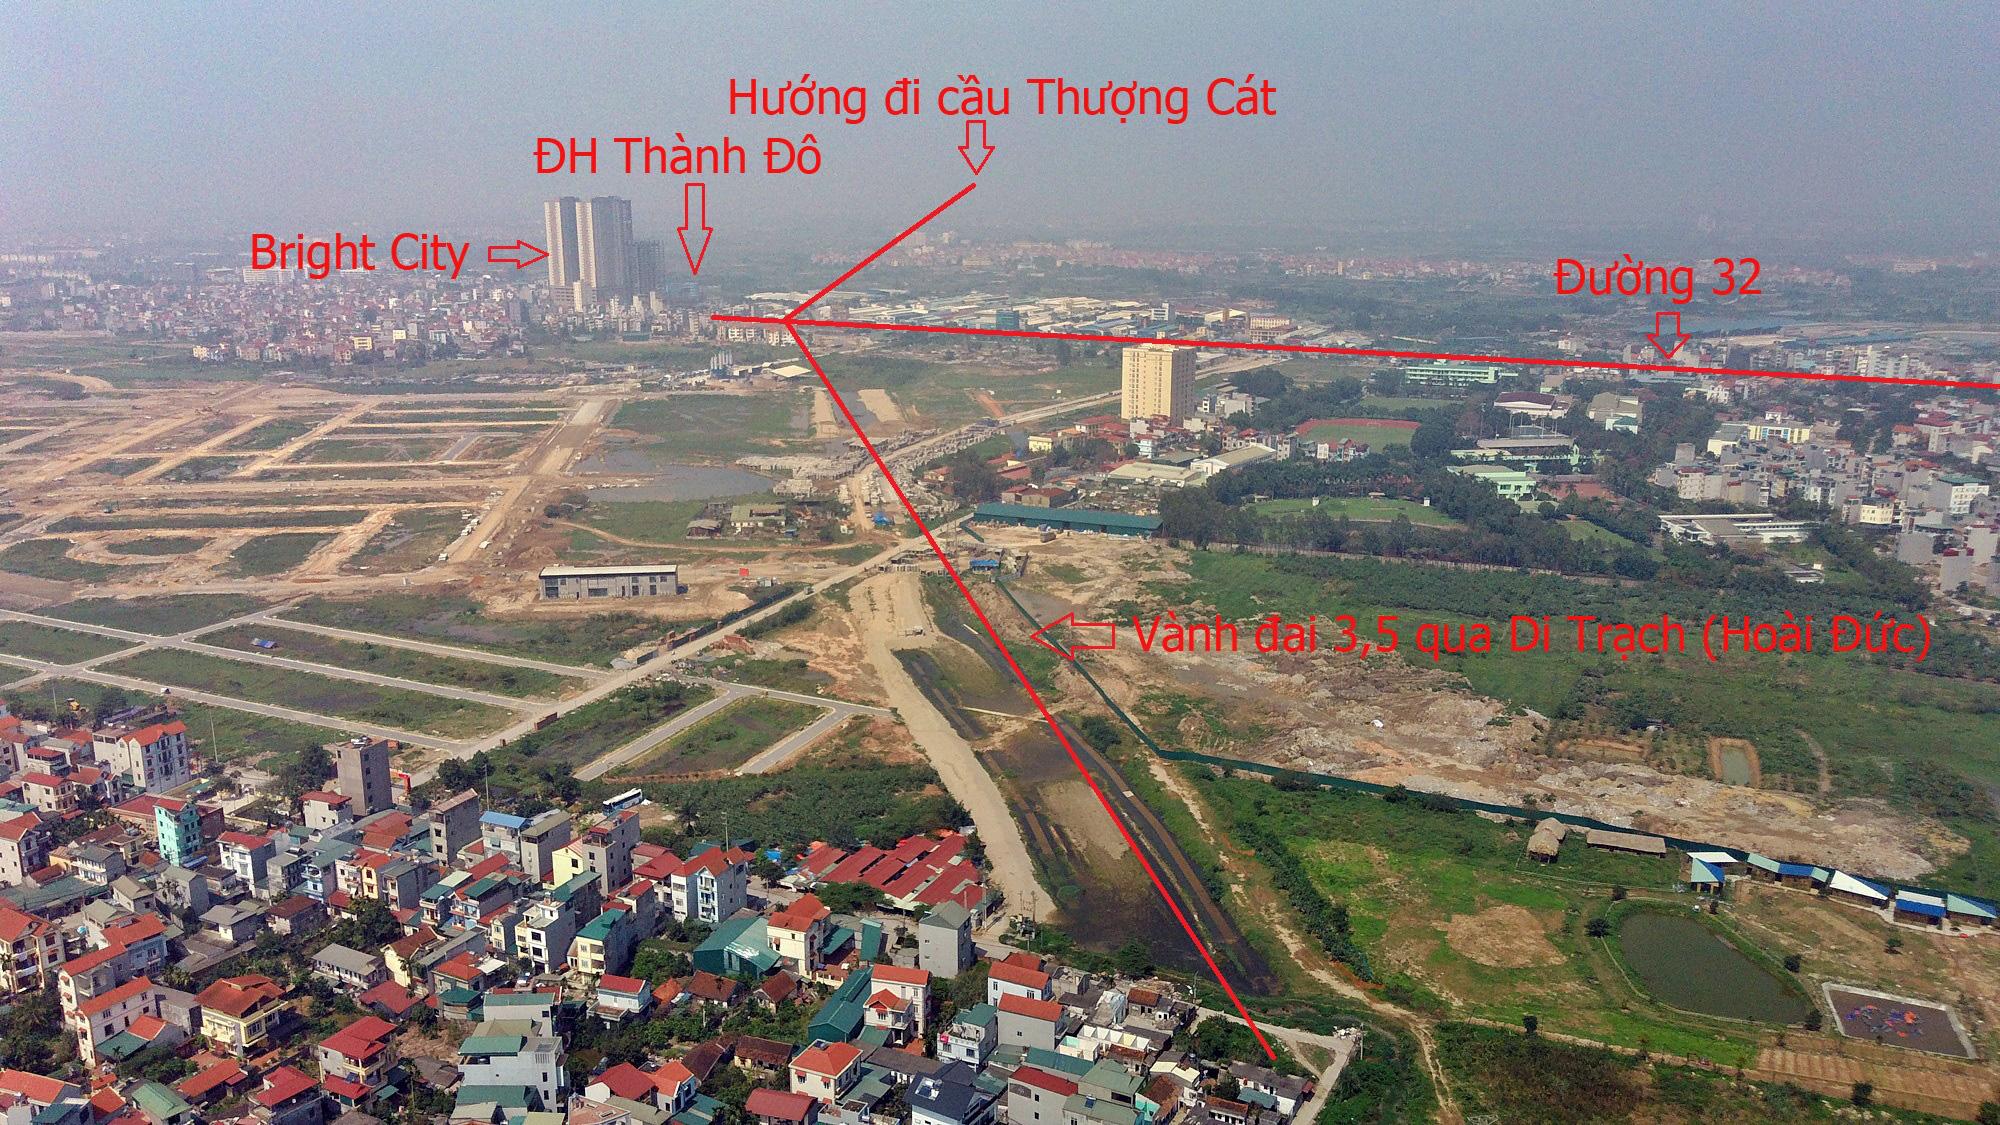 Những dự án sẽ hưởng lợi từ qui hoạch cầu Thượng Cát, Hà Nội - Ảnh 16.